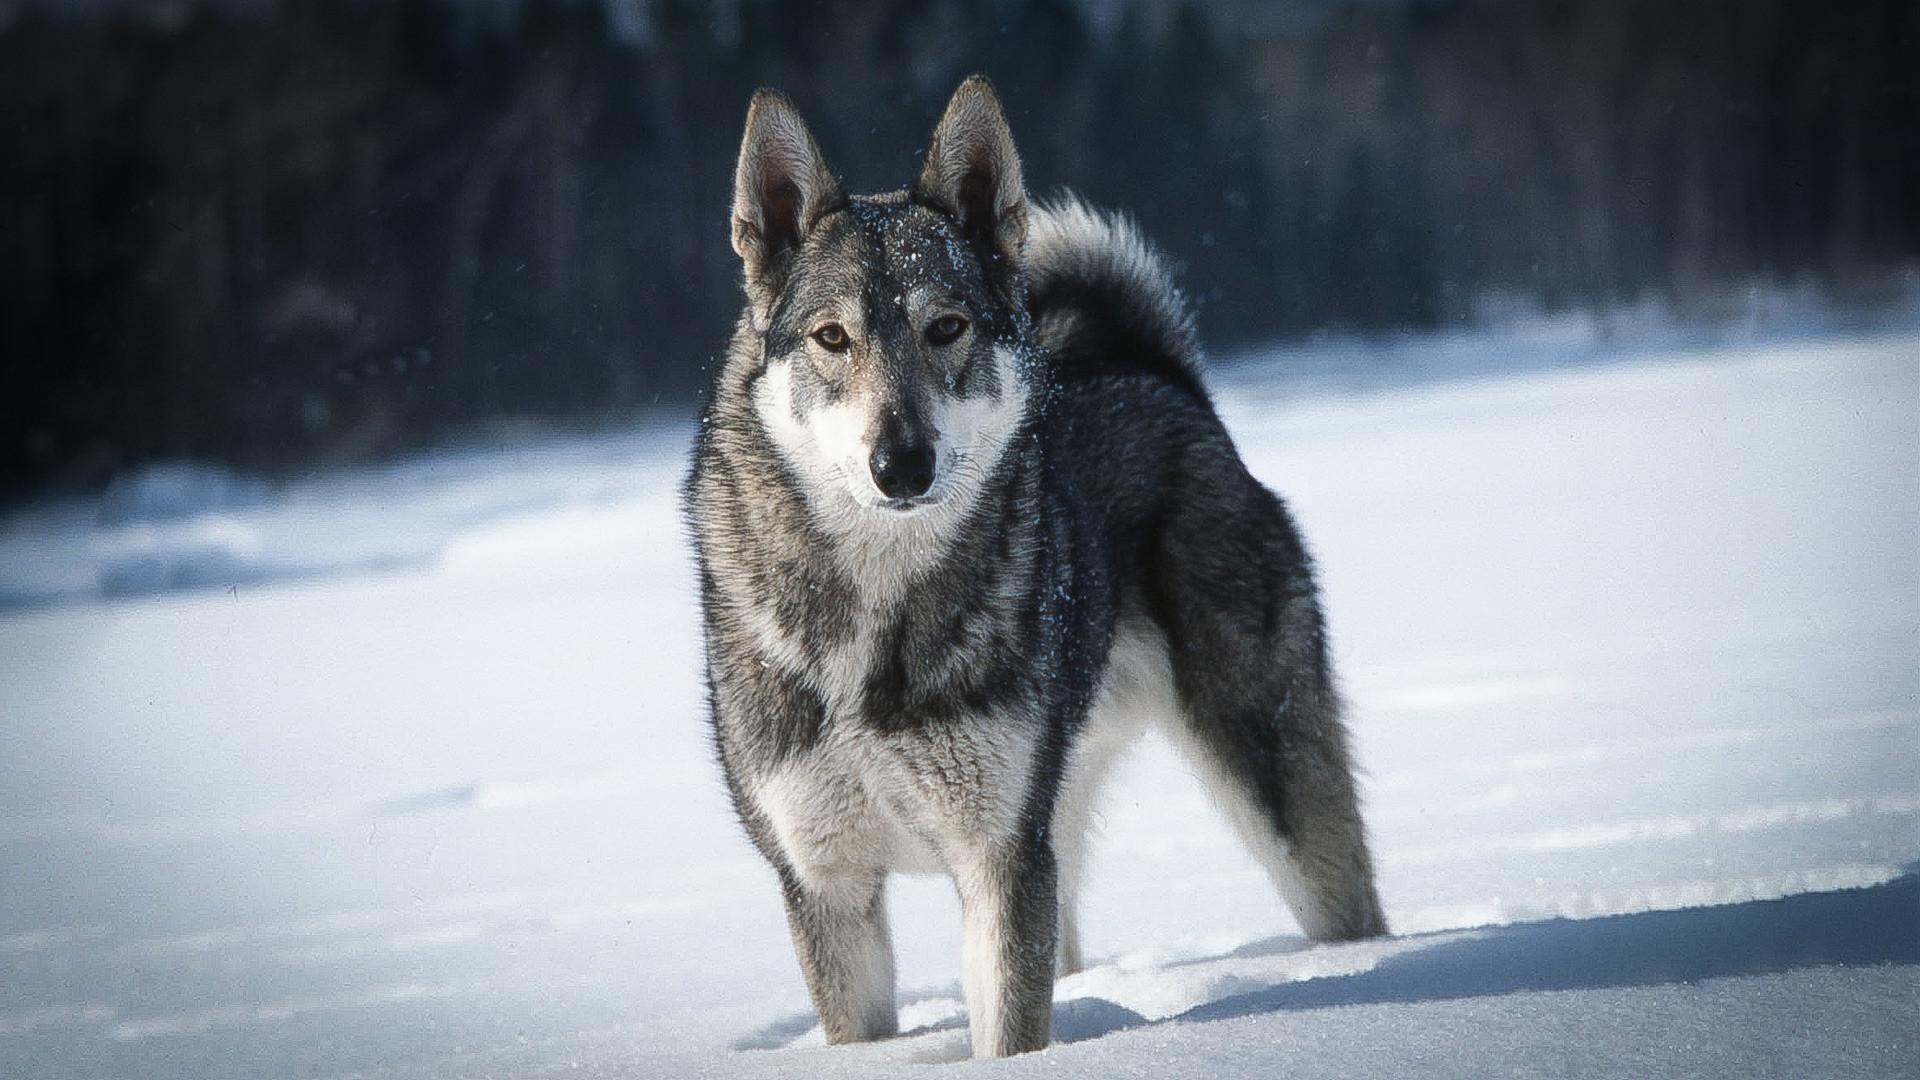 Алтајски крај. Квалитетна лајка је у лову важнија од оружја, сматрају професионални ловци. Лајка је најбољи пас за сибирске климатске услове. На фотографији: лајка по имену Бич.